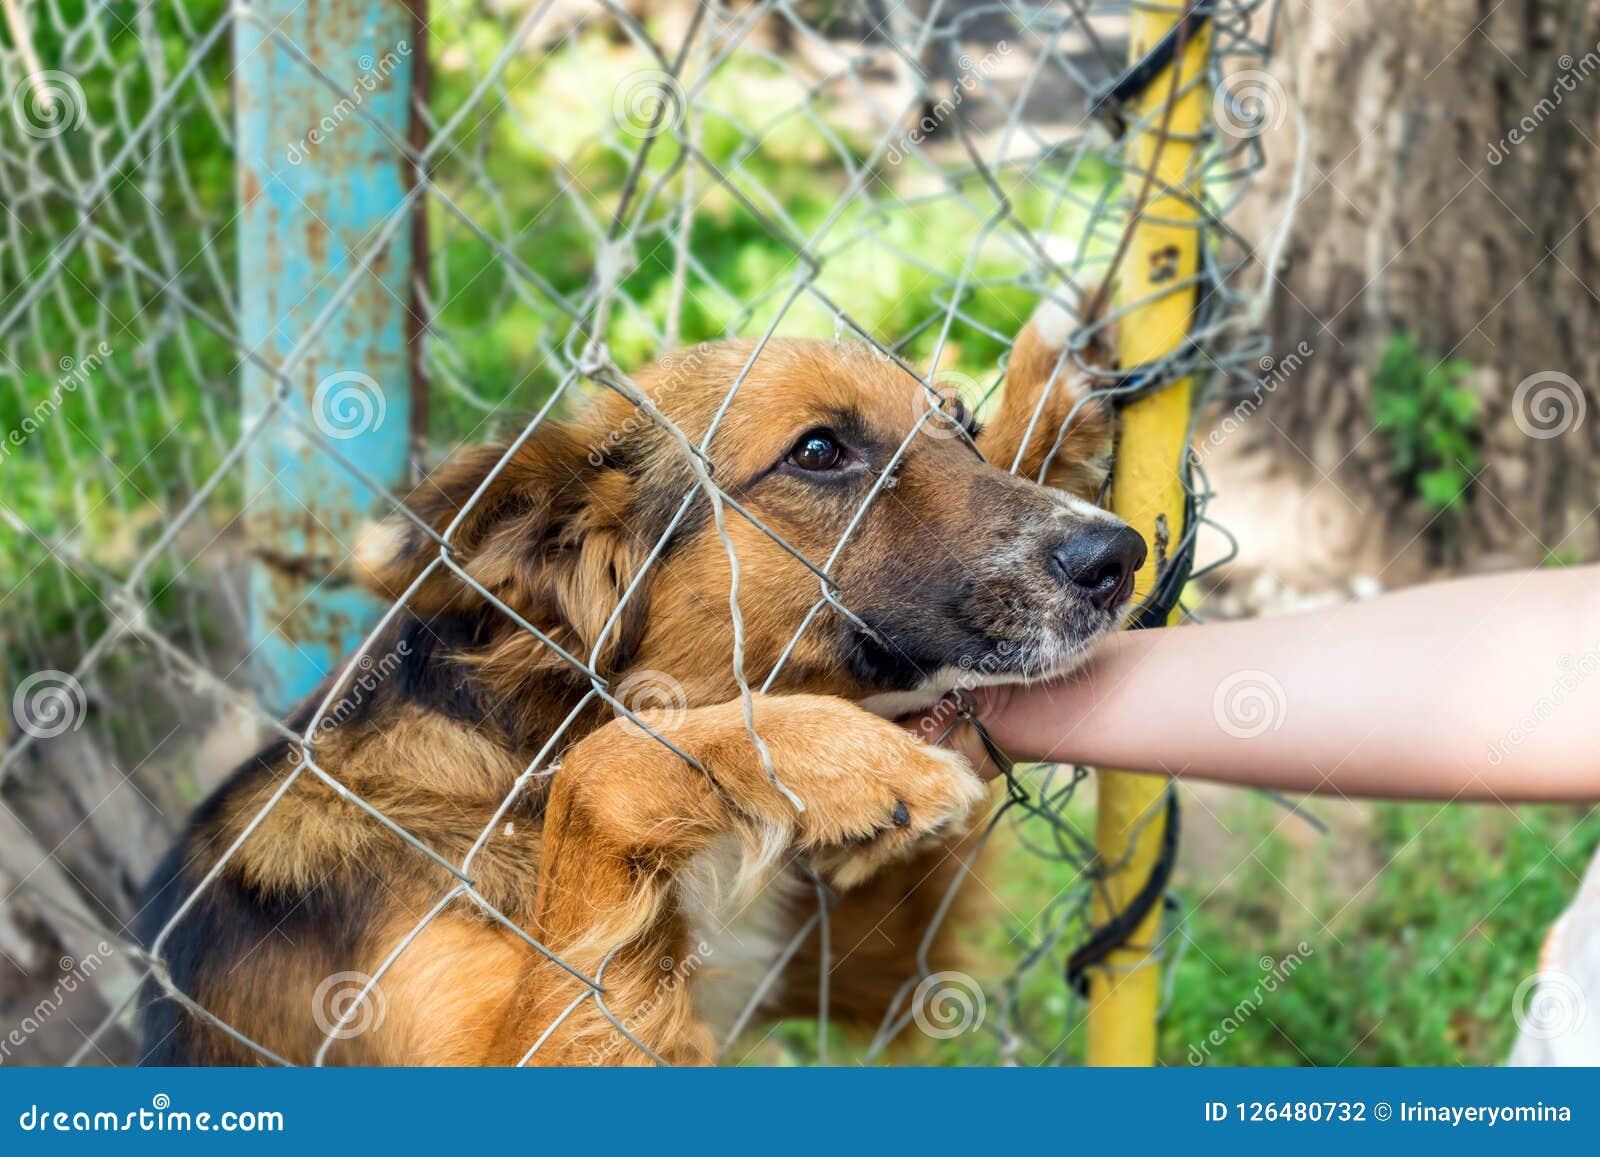 Outddor Dakloze dierlijke schuilplaats Droevige bastaarde hond gelukkige bezoeker s